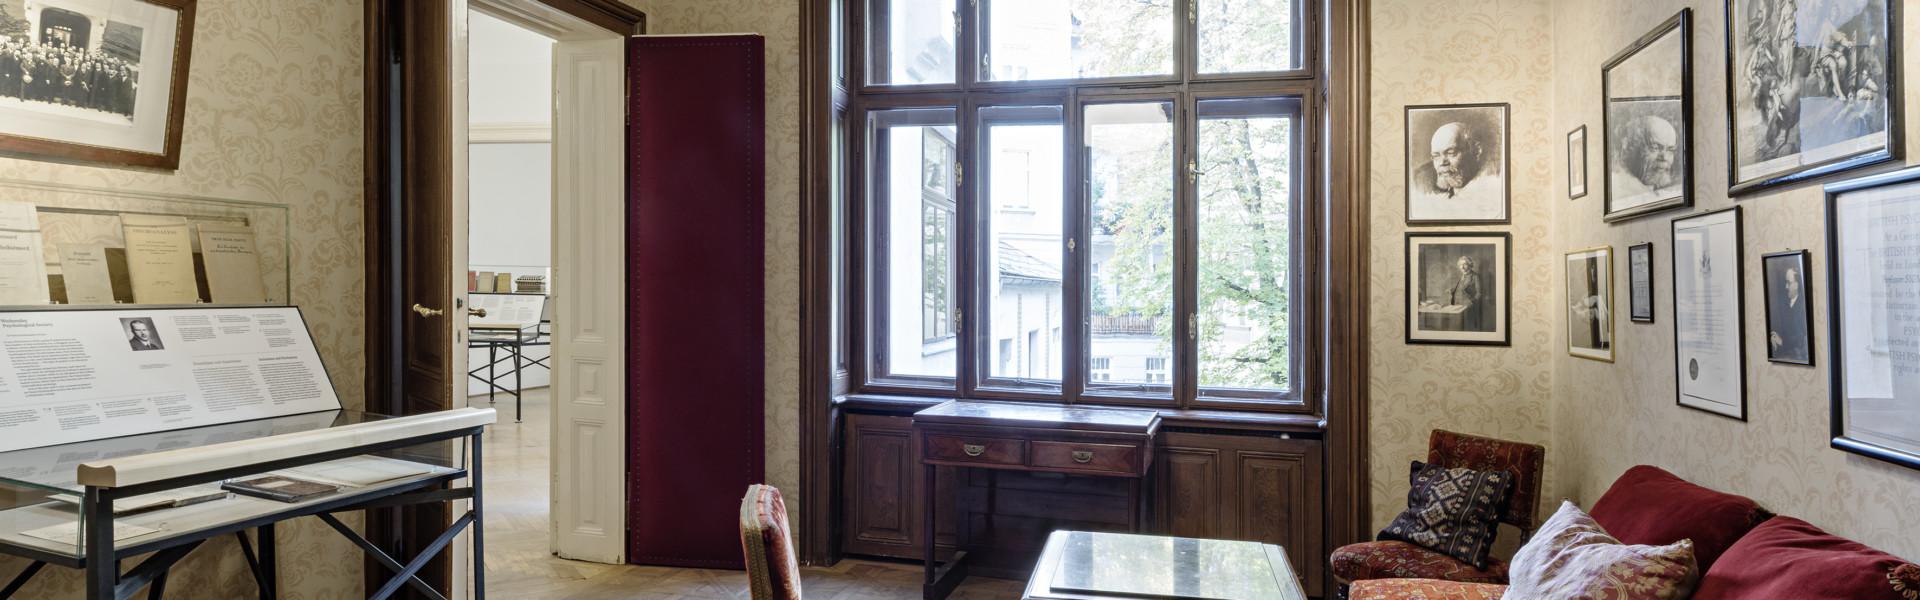 Wartezimmer Von Freuds Praxis © Hertha Hurnaus/Sigmund Freud Privatstiftung